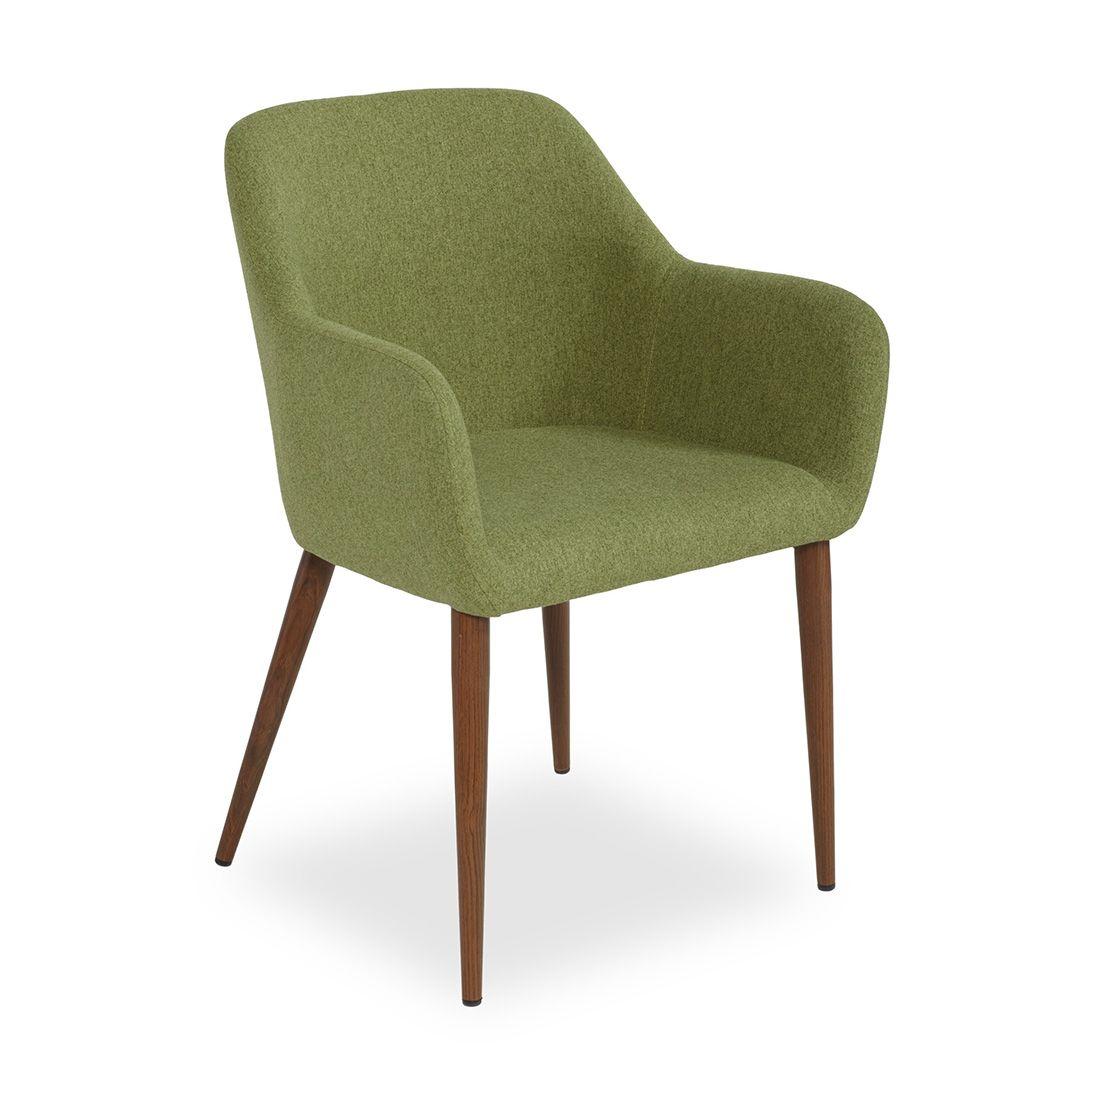 Кресло Federica орех/зелёноеДеревянные стулья<br><br>